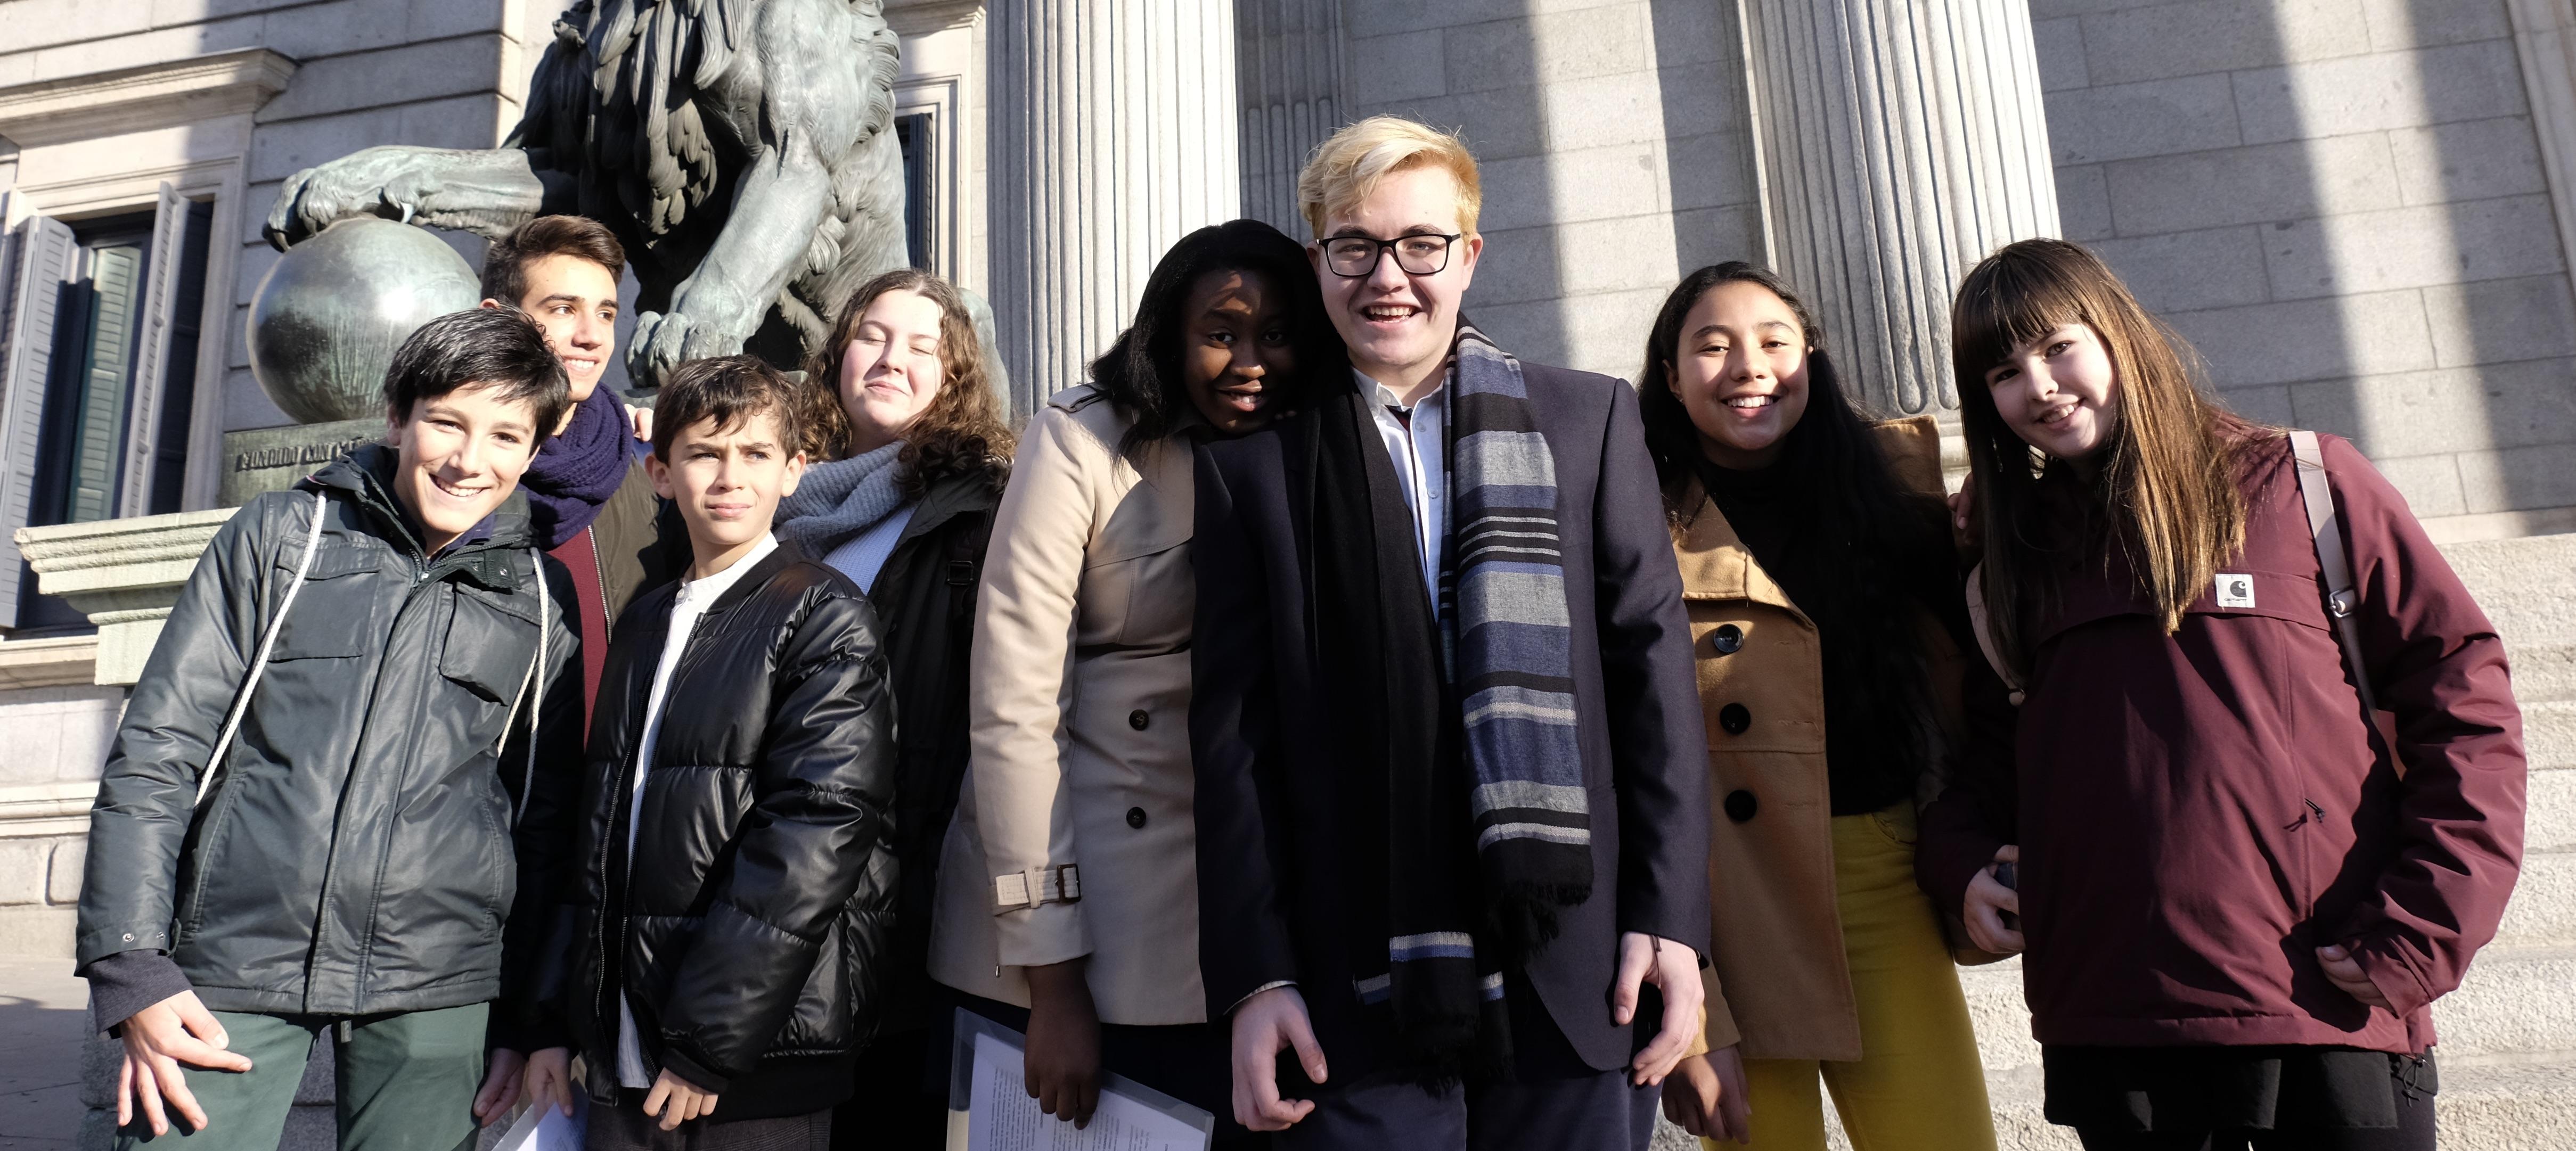 La infancia vuelve al Congreso tras la pista de sus propuestas